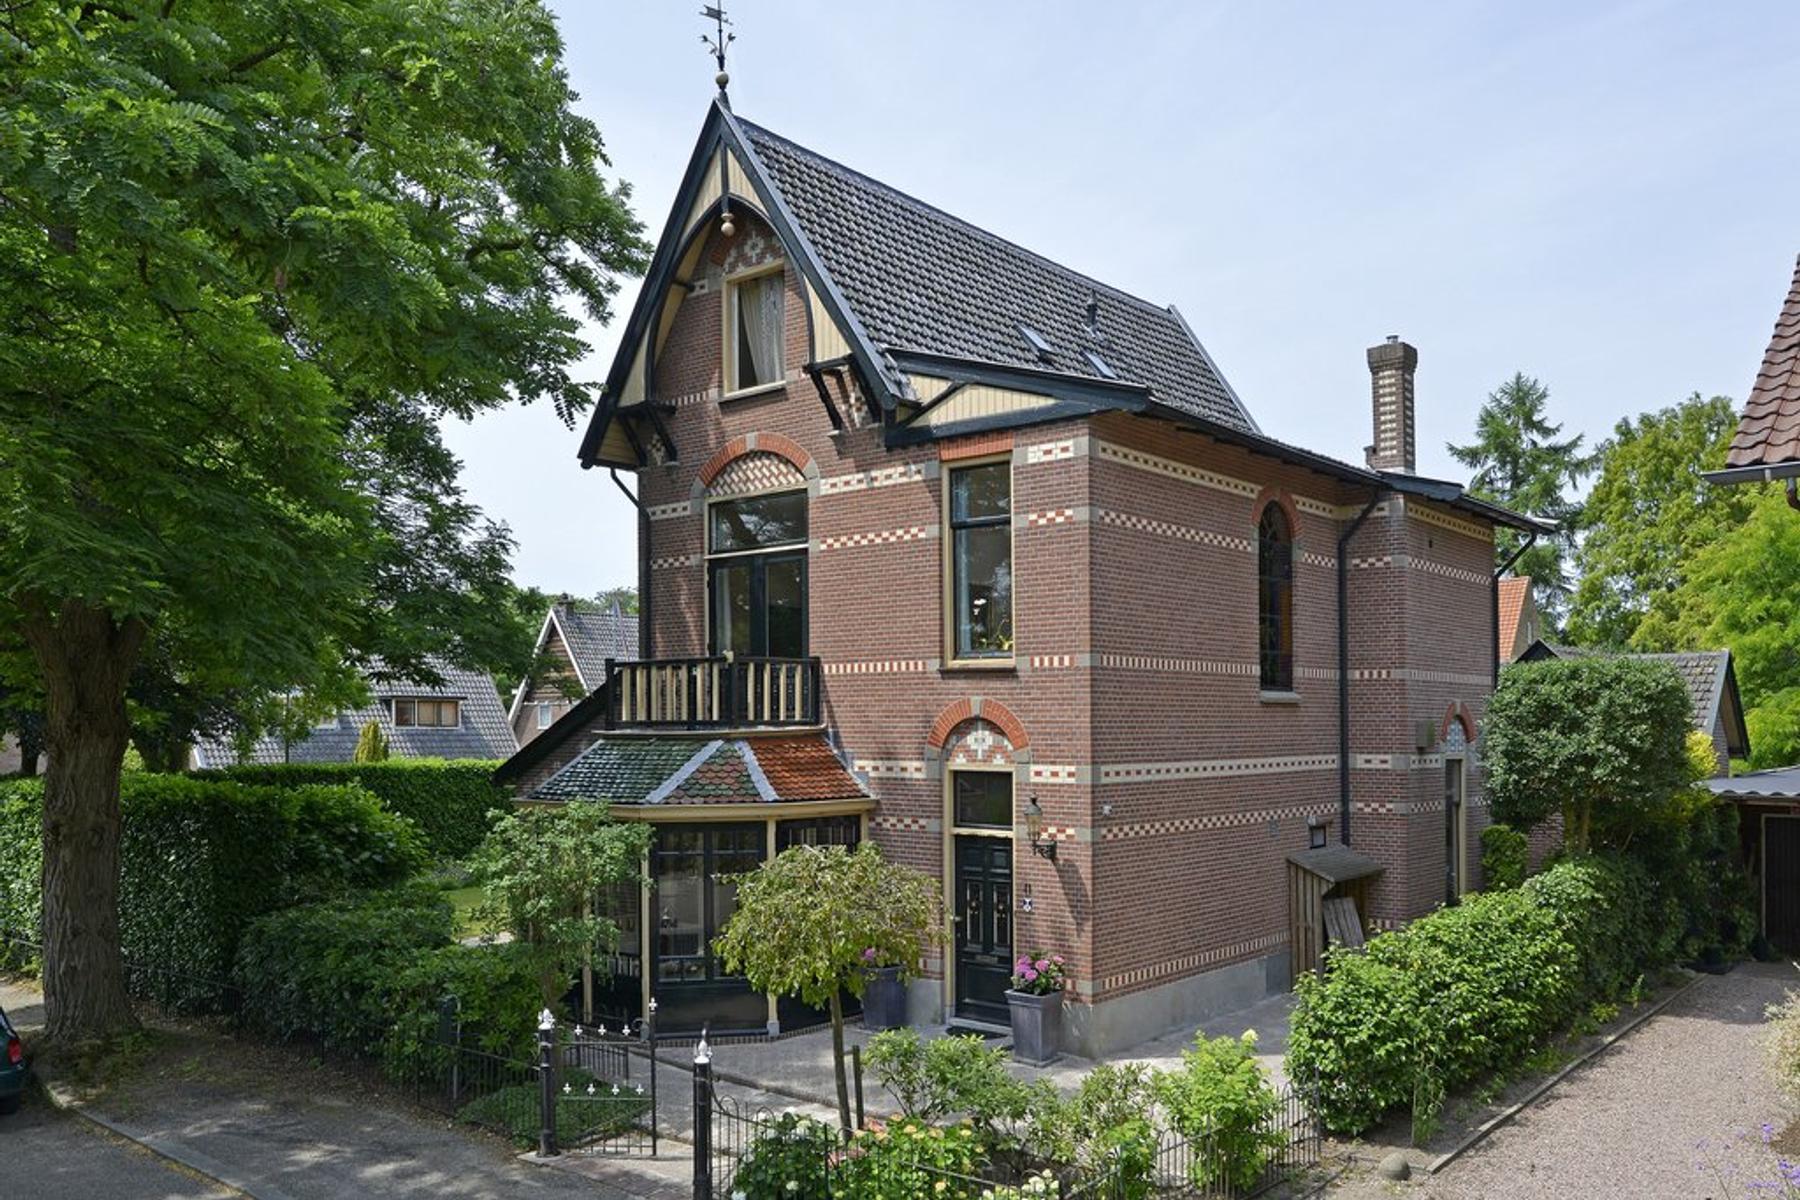 Mevrouw V Vollenhovenprk 11 in Driebergen-Rijsenburg 3971 CW